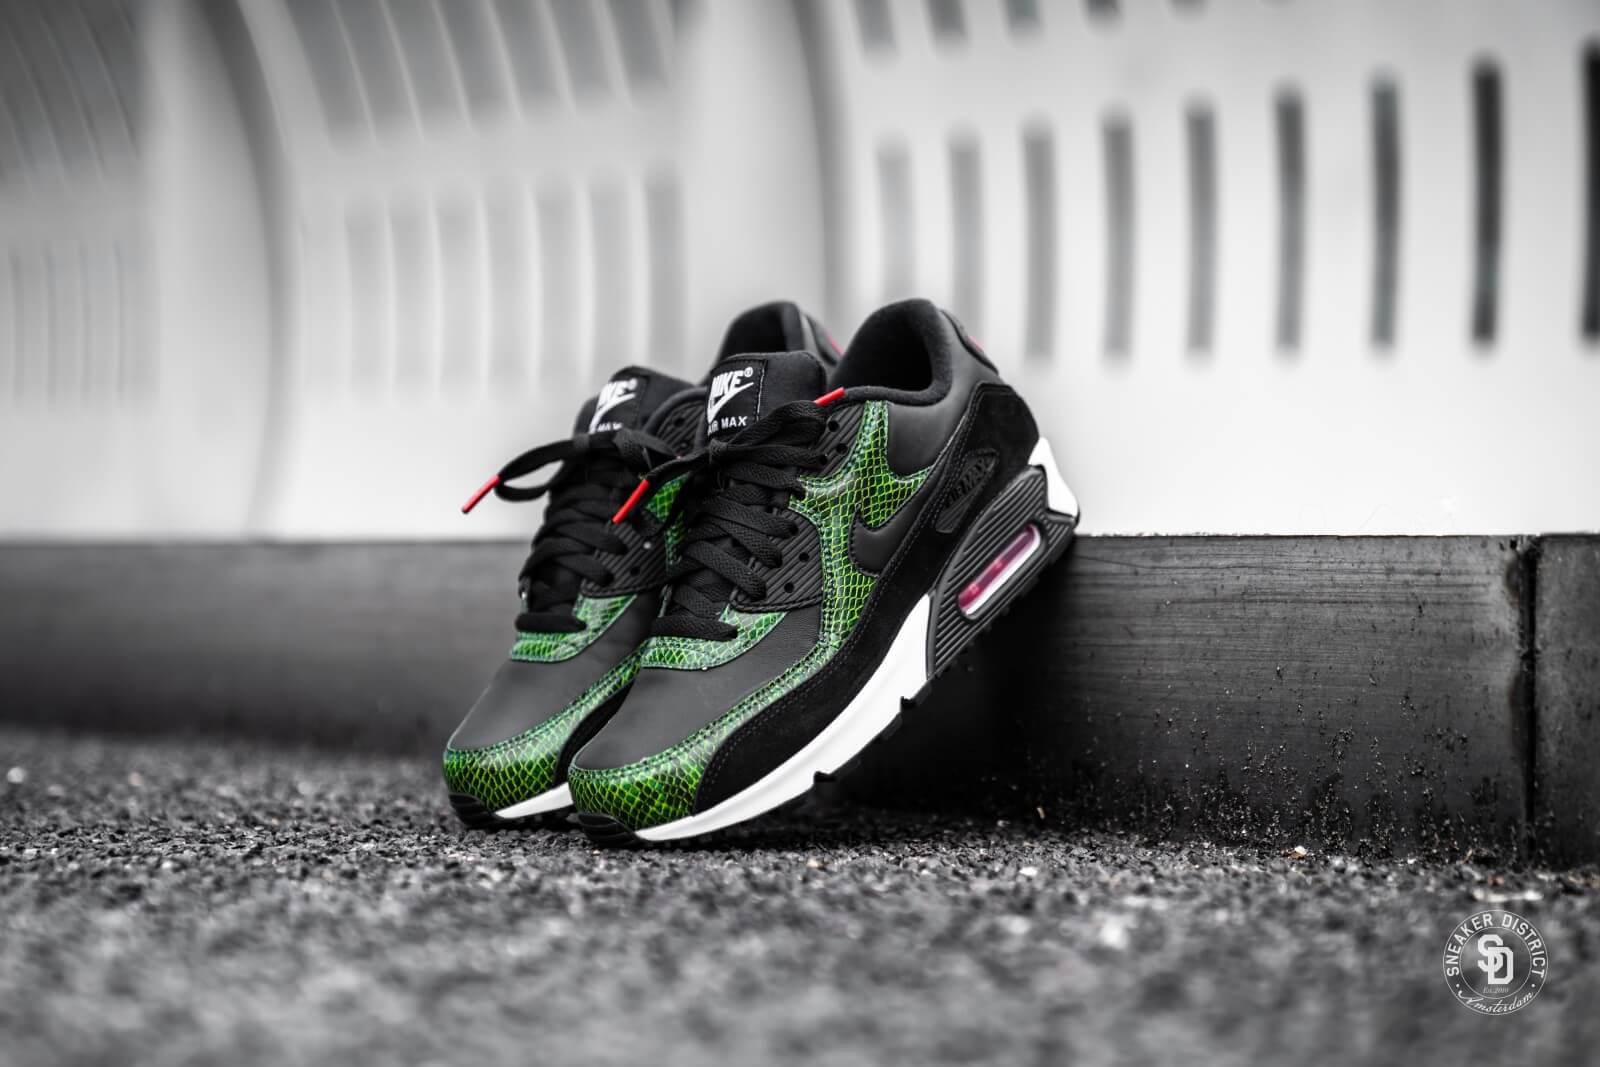 Nike Nike Air Max 90 QS BlackBlack Cyber Fir